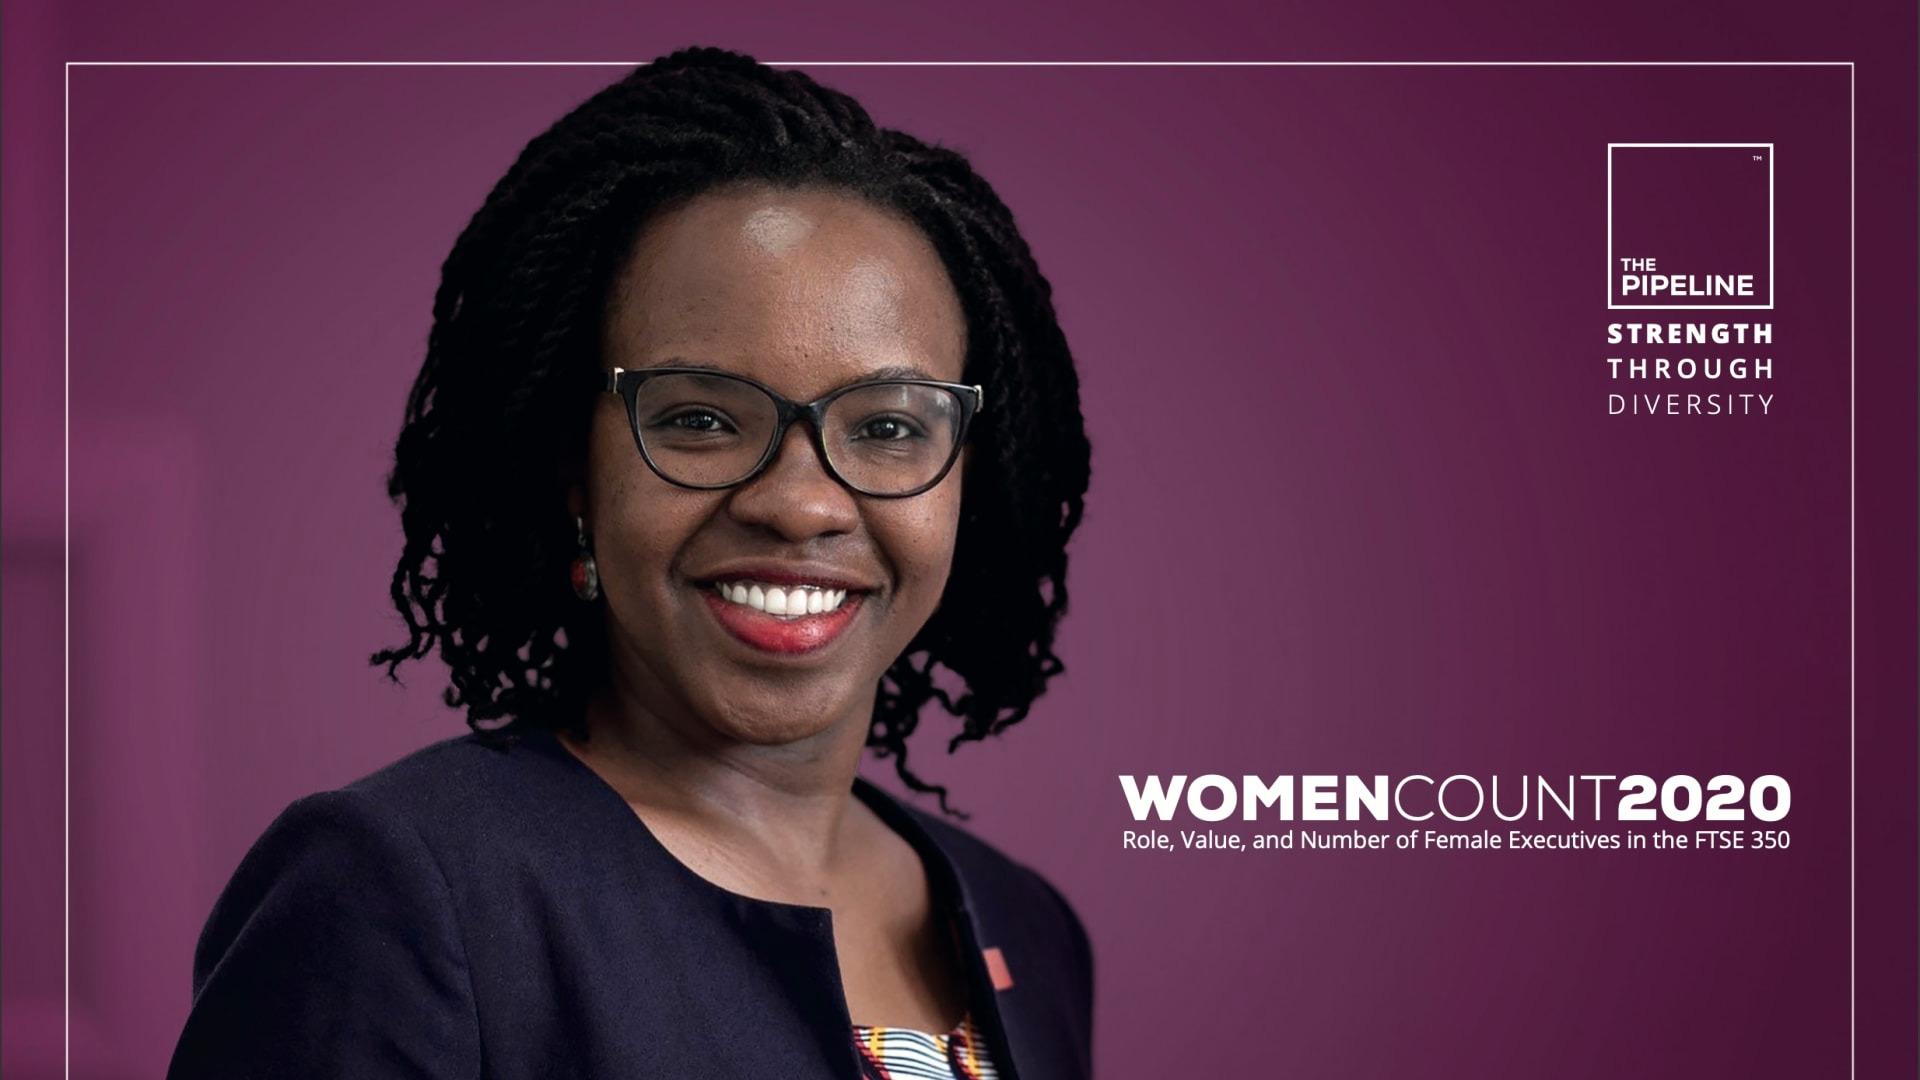 Women Count 2020